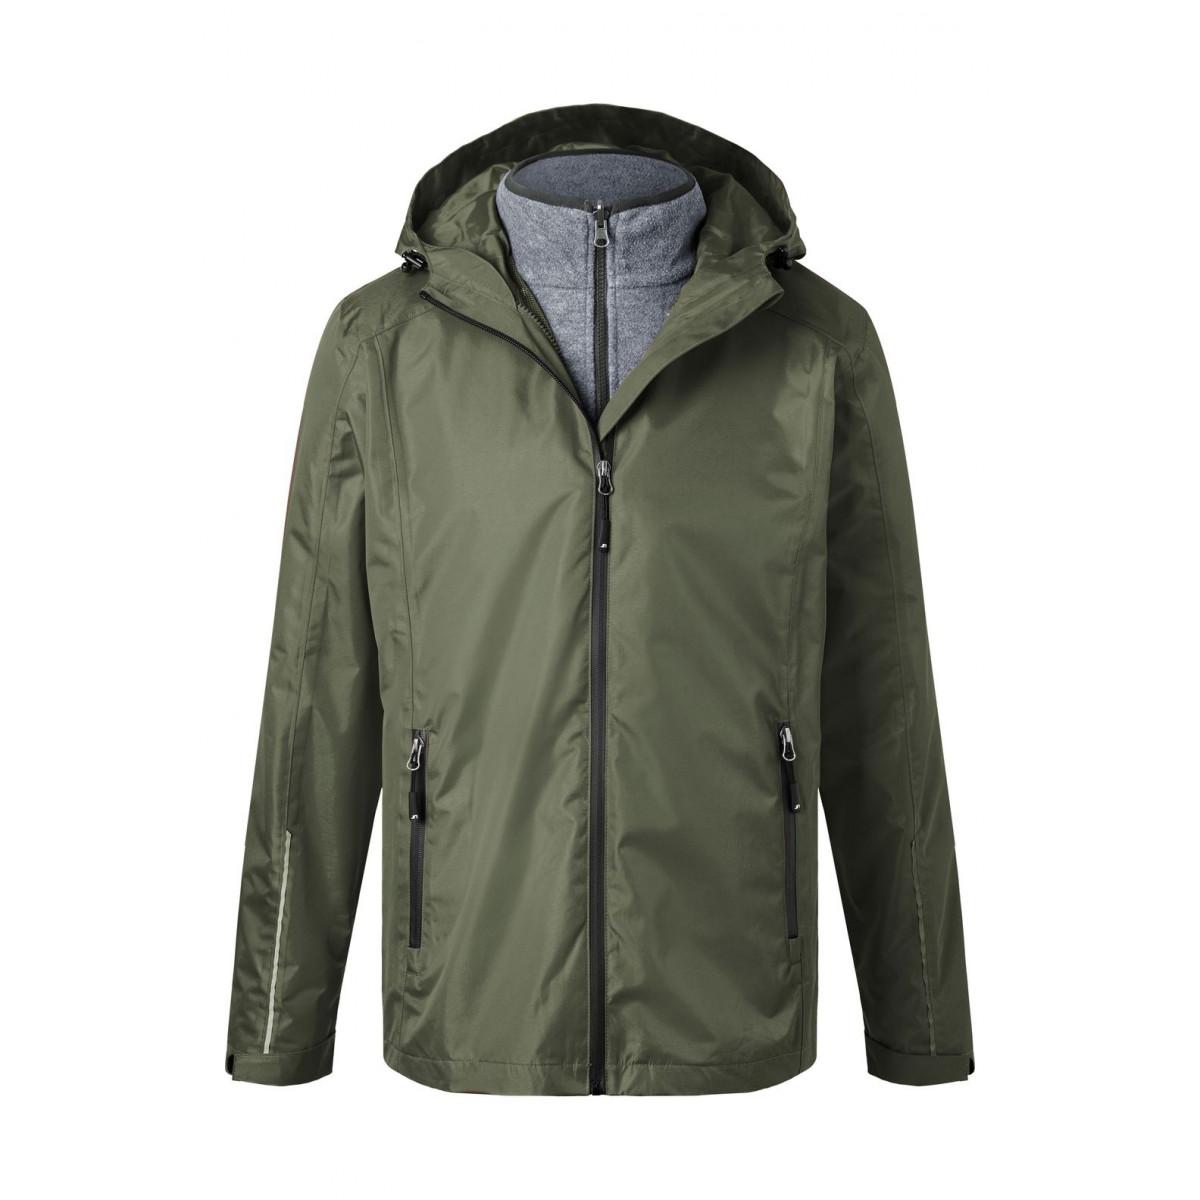 Куртка мужская JN1154 Mens 3-in-1-Jacket - Оливковый/Черный